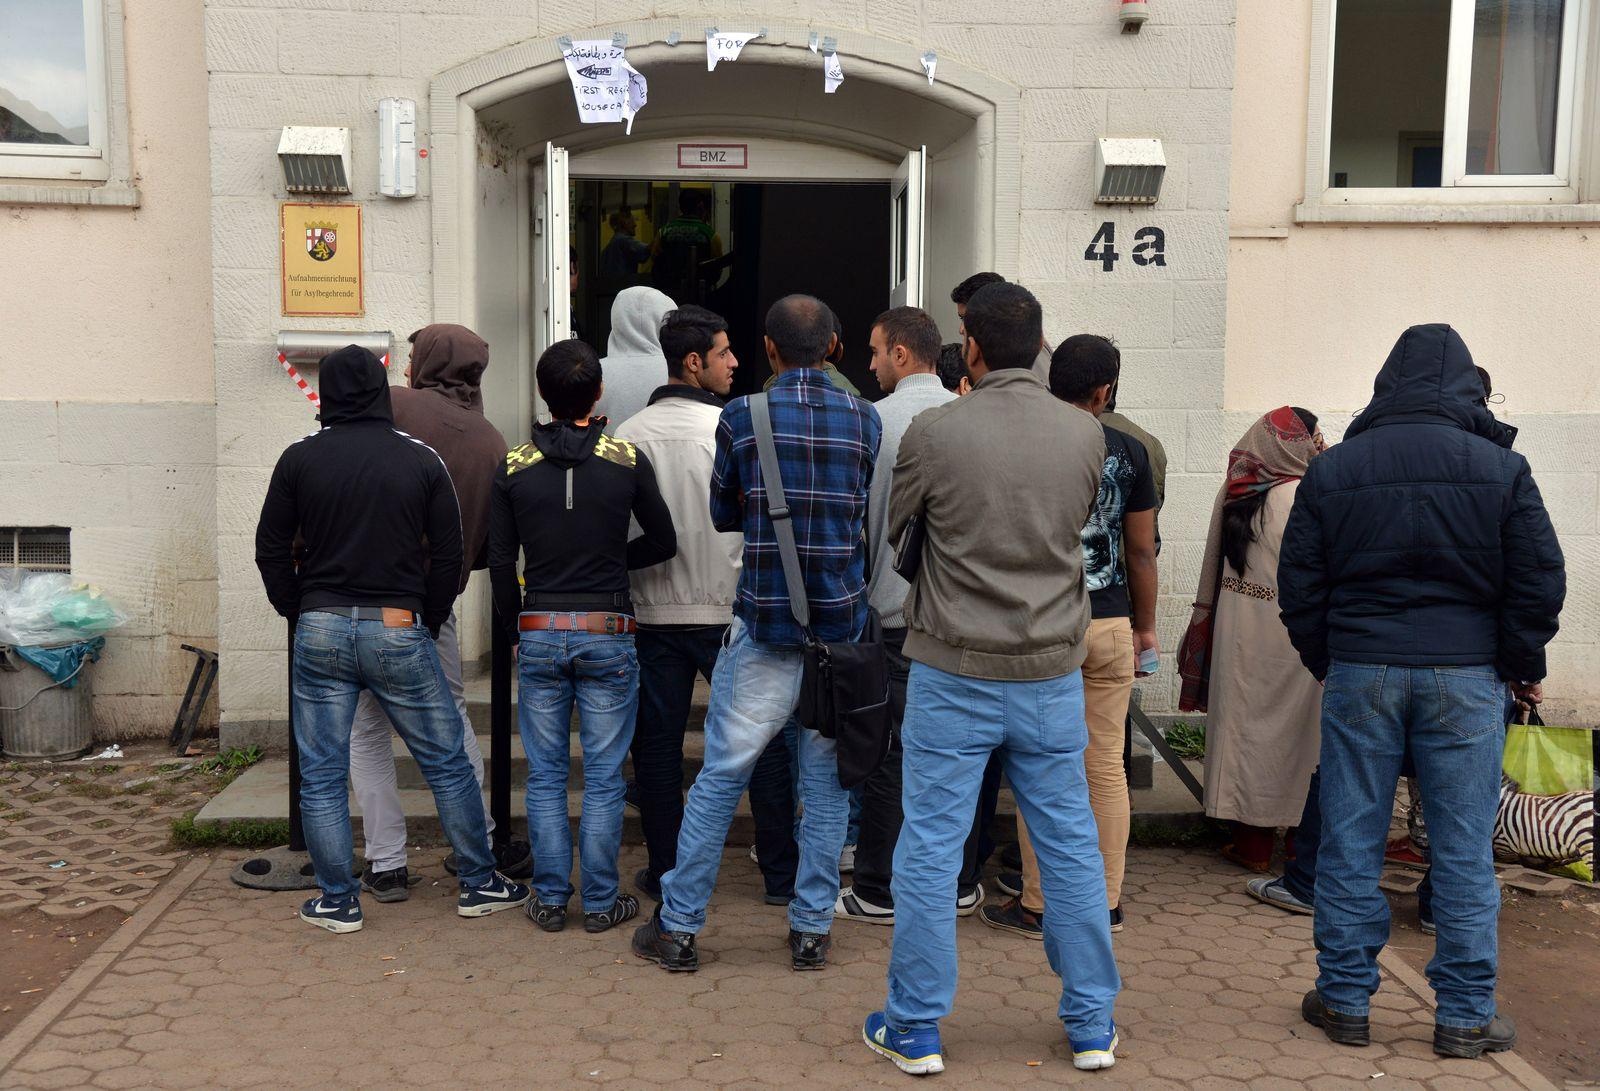 Erstaufnahmeeinrichtung für Asylsuchende in Trier Flüchtlinge